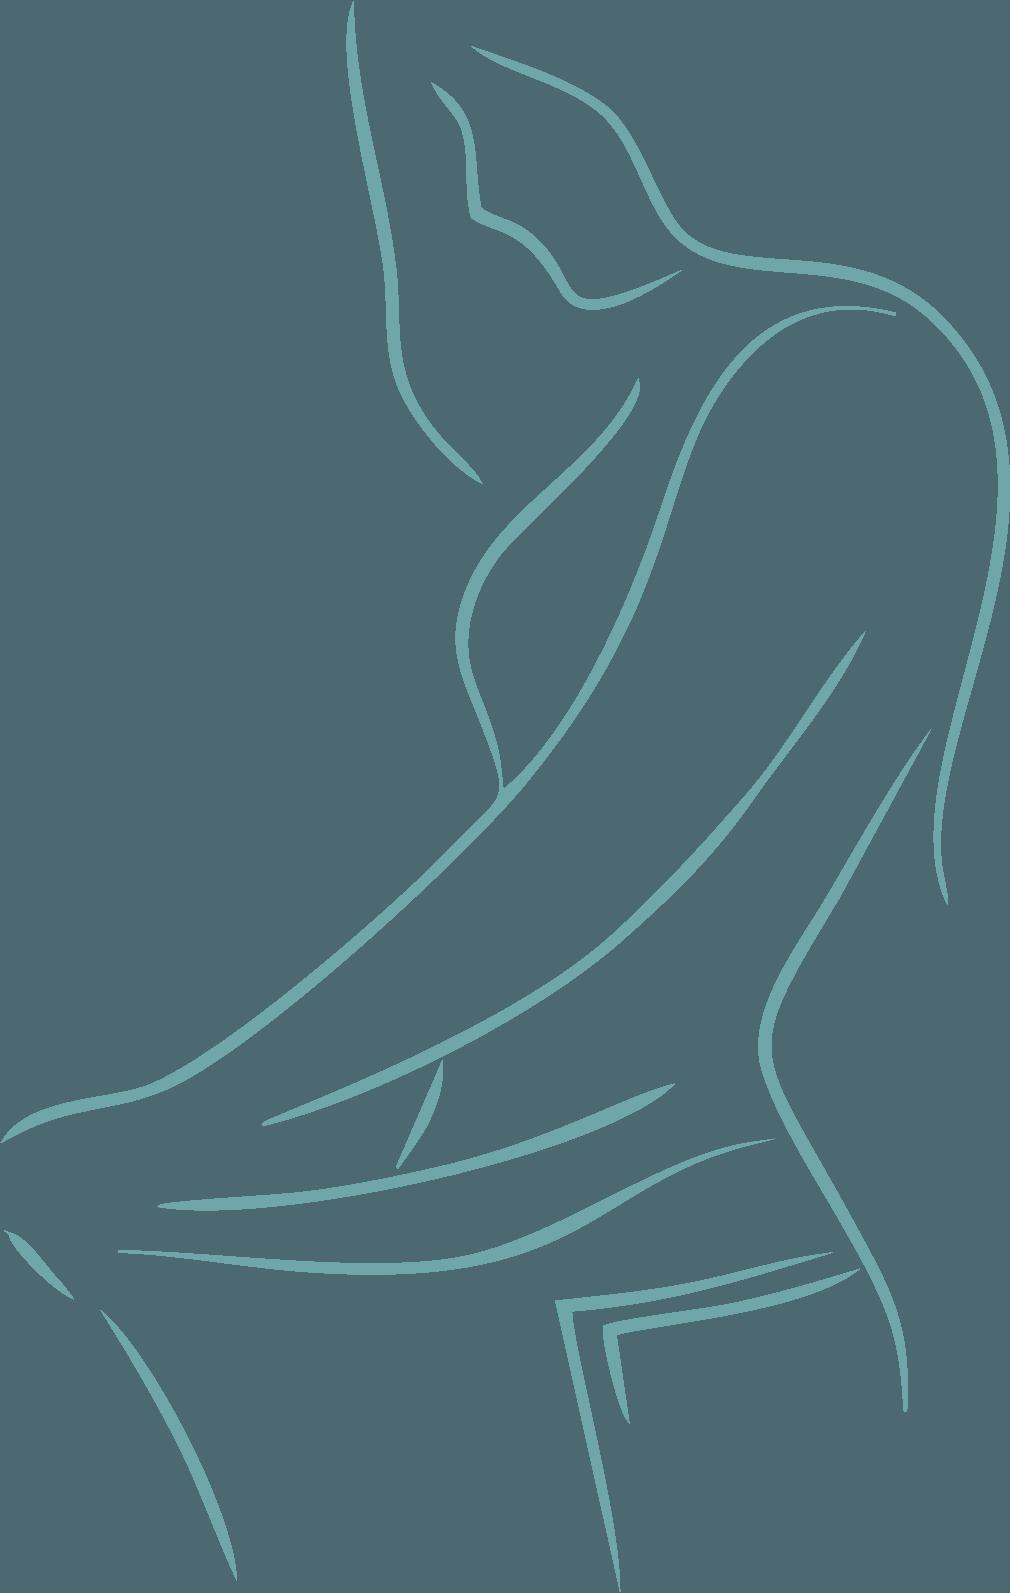 slim-woman